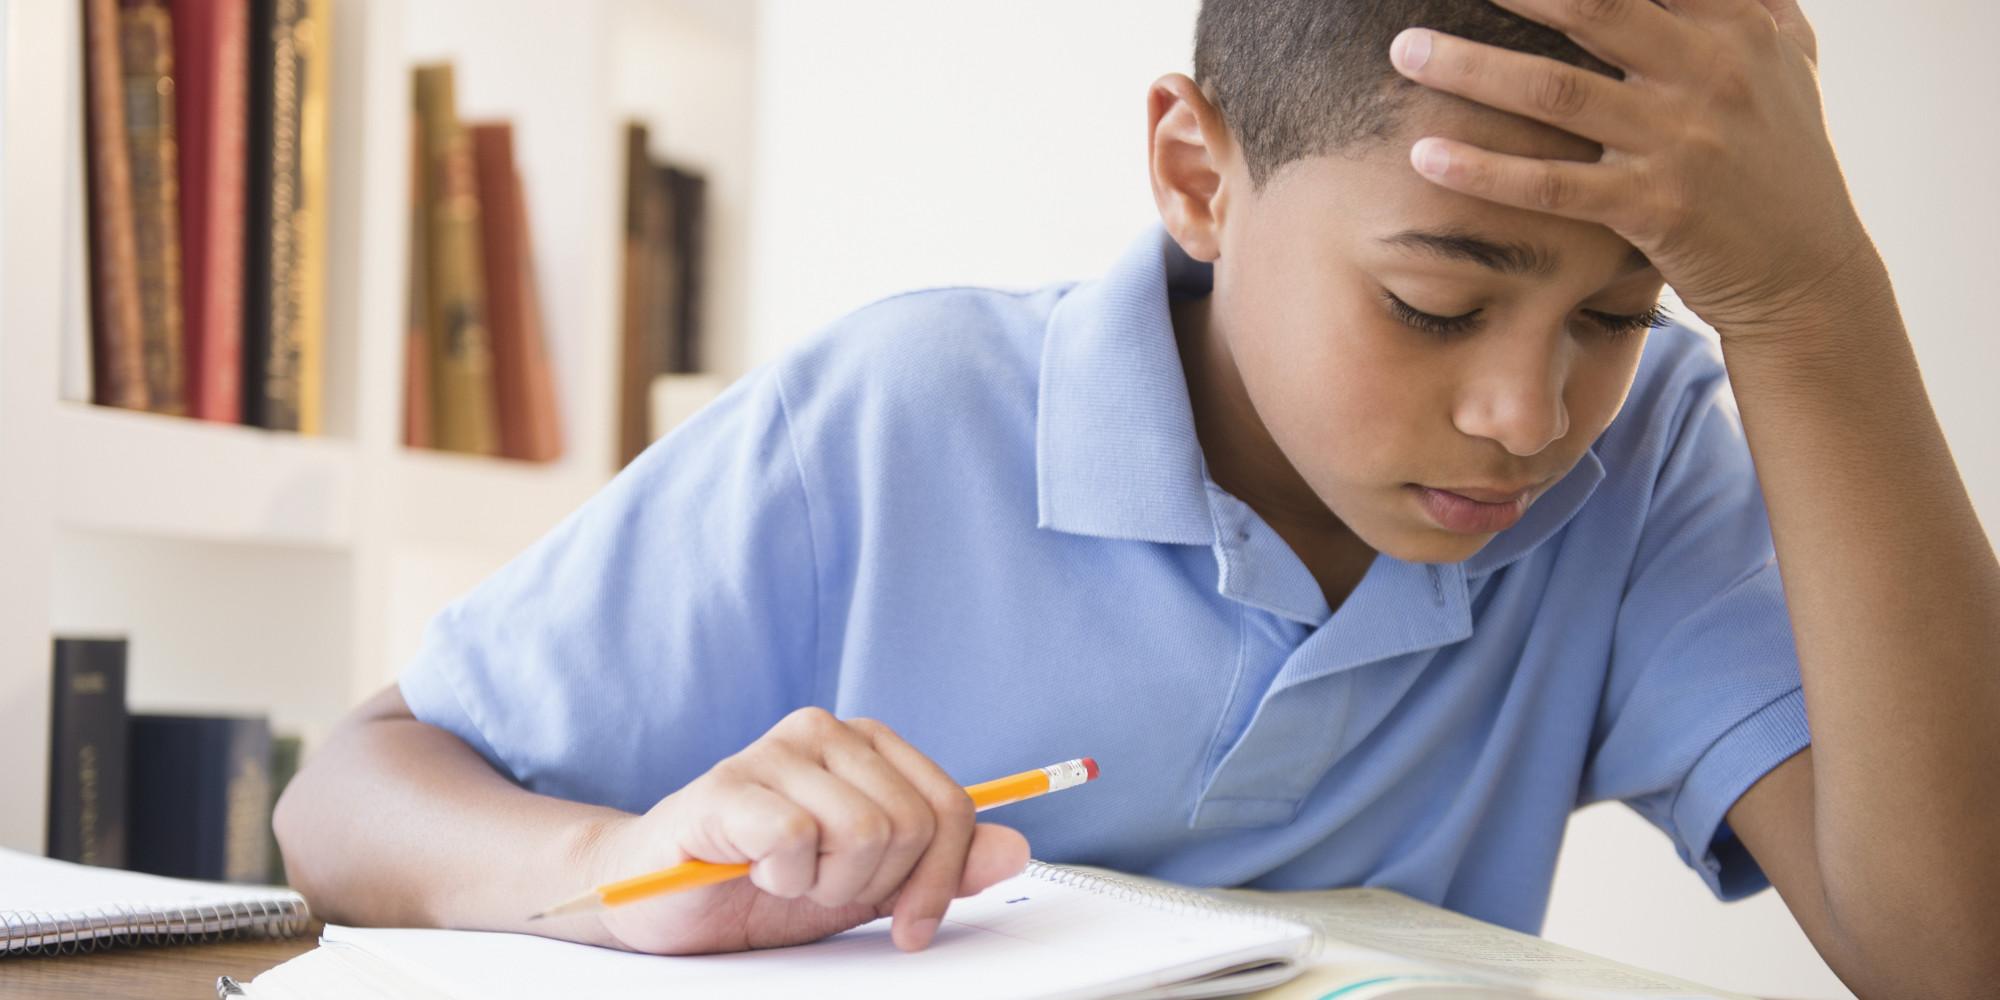 Do children like homework